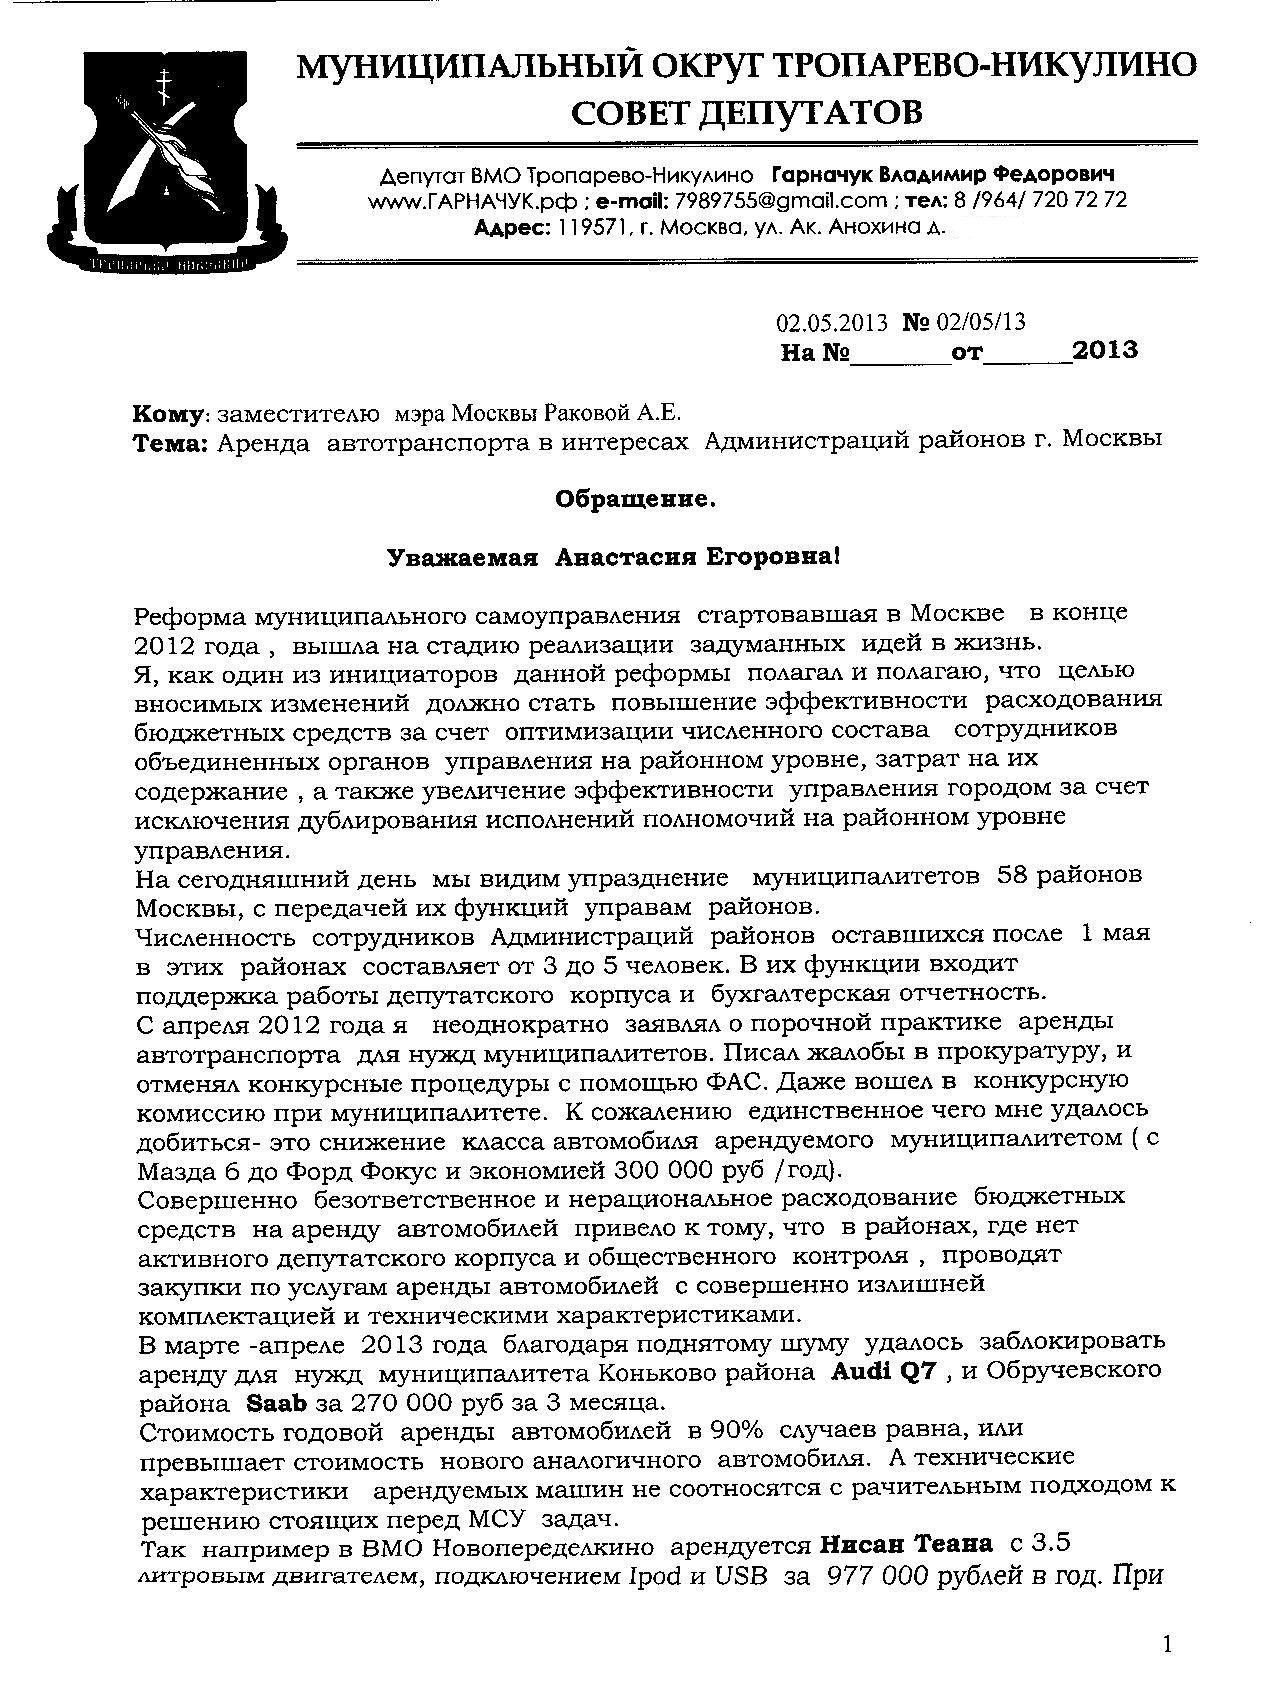 обращение к раковой по аренде авто 02.05.13 001